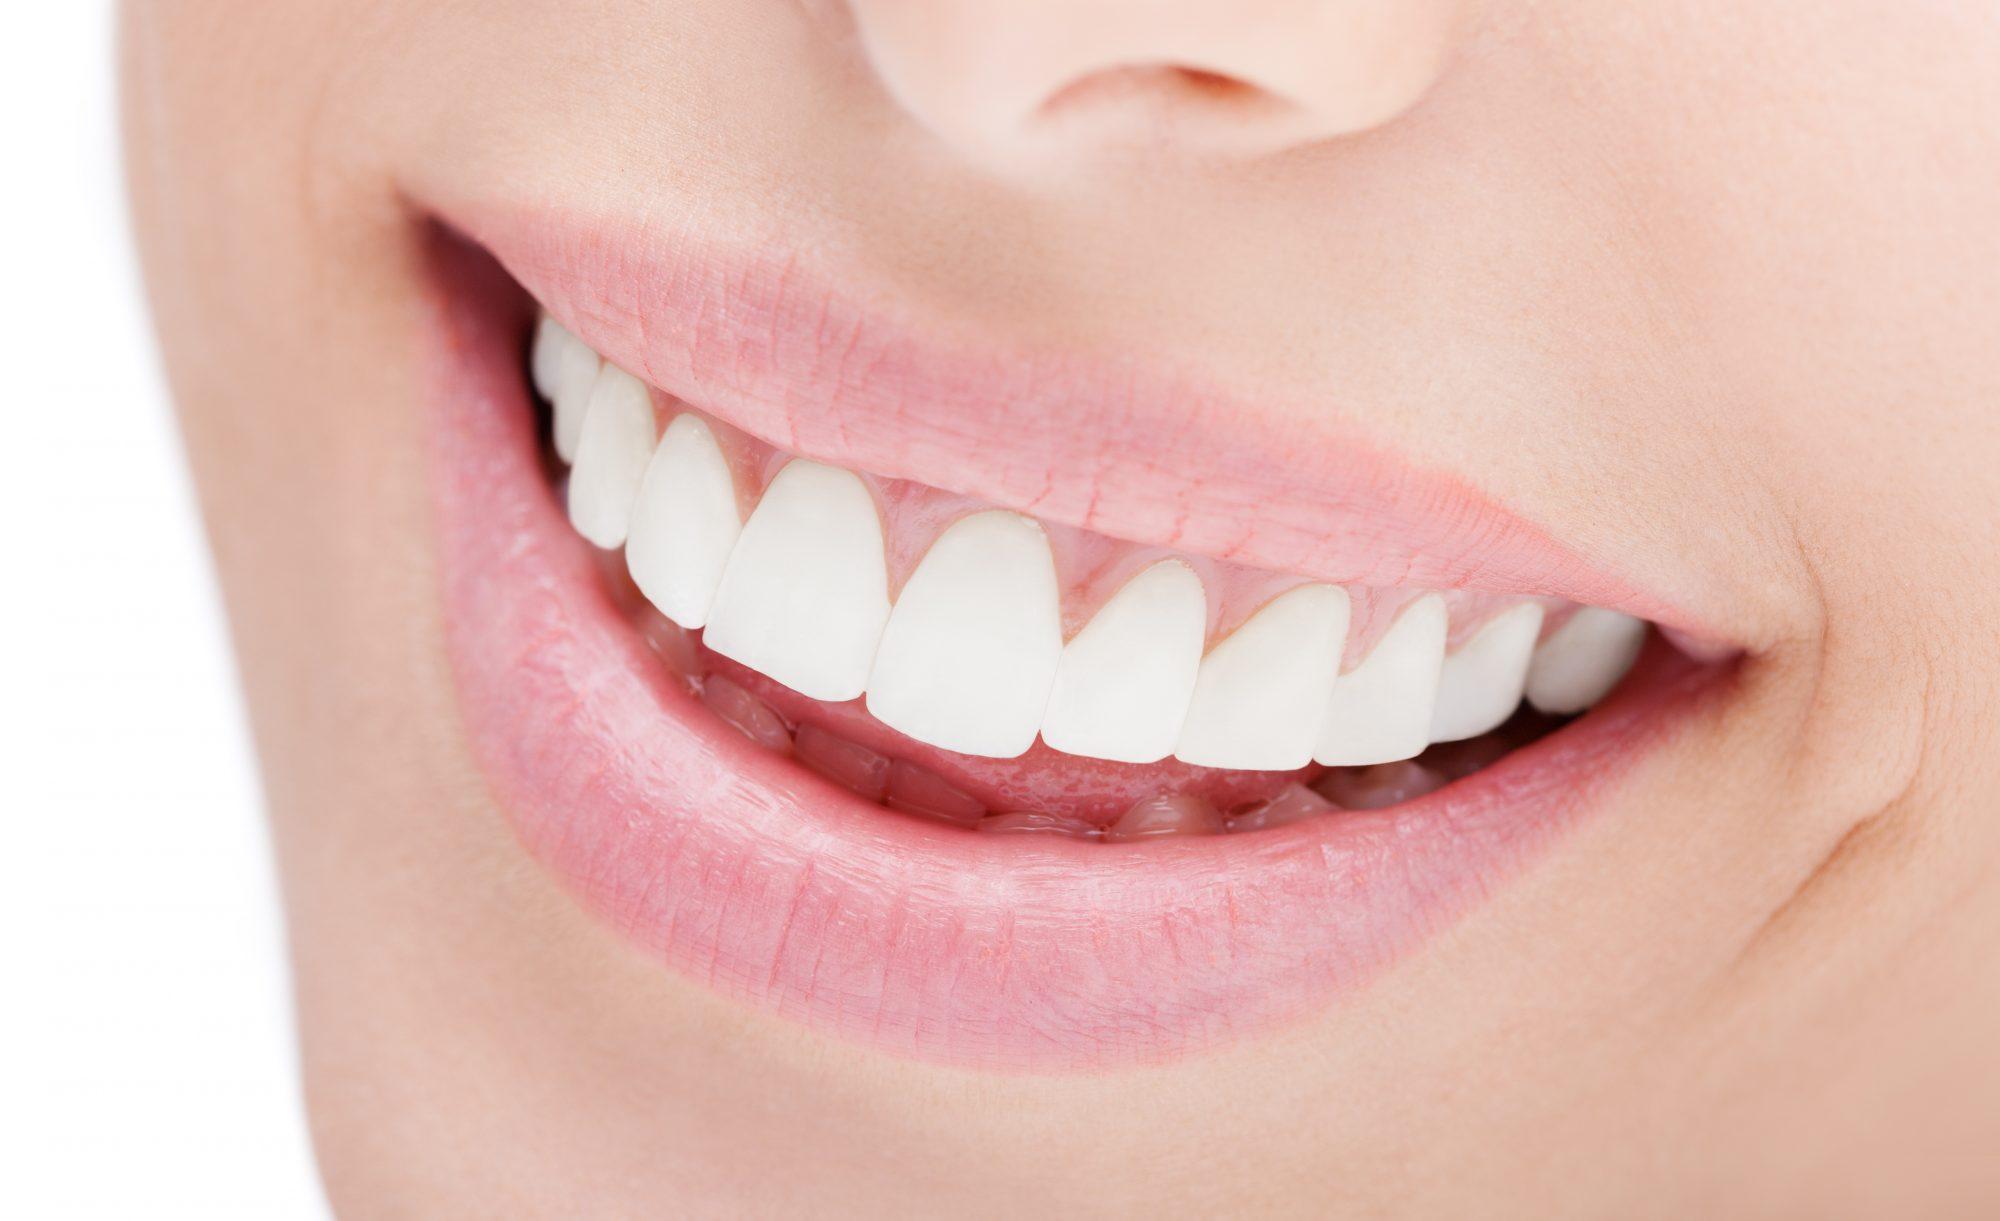 若槻千夏さんの歯並び綺麗になった?審美歯科の分析をしてみました!